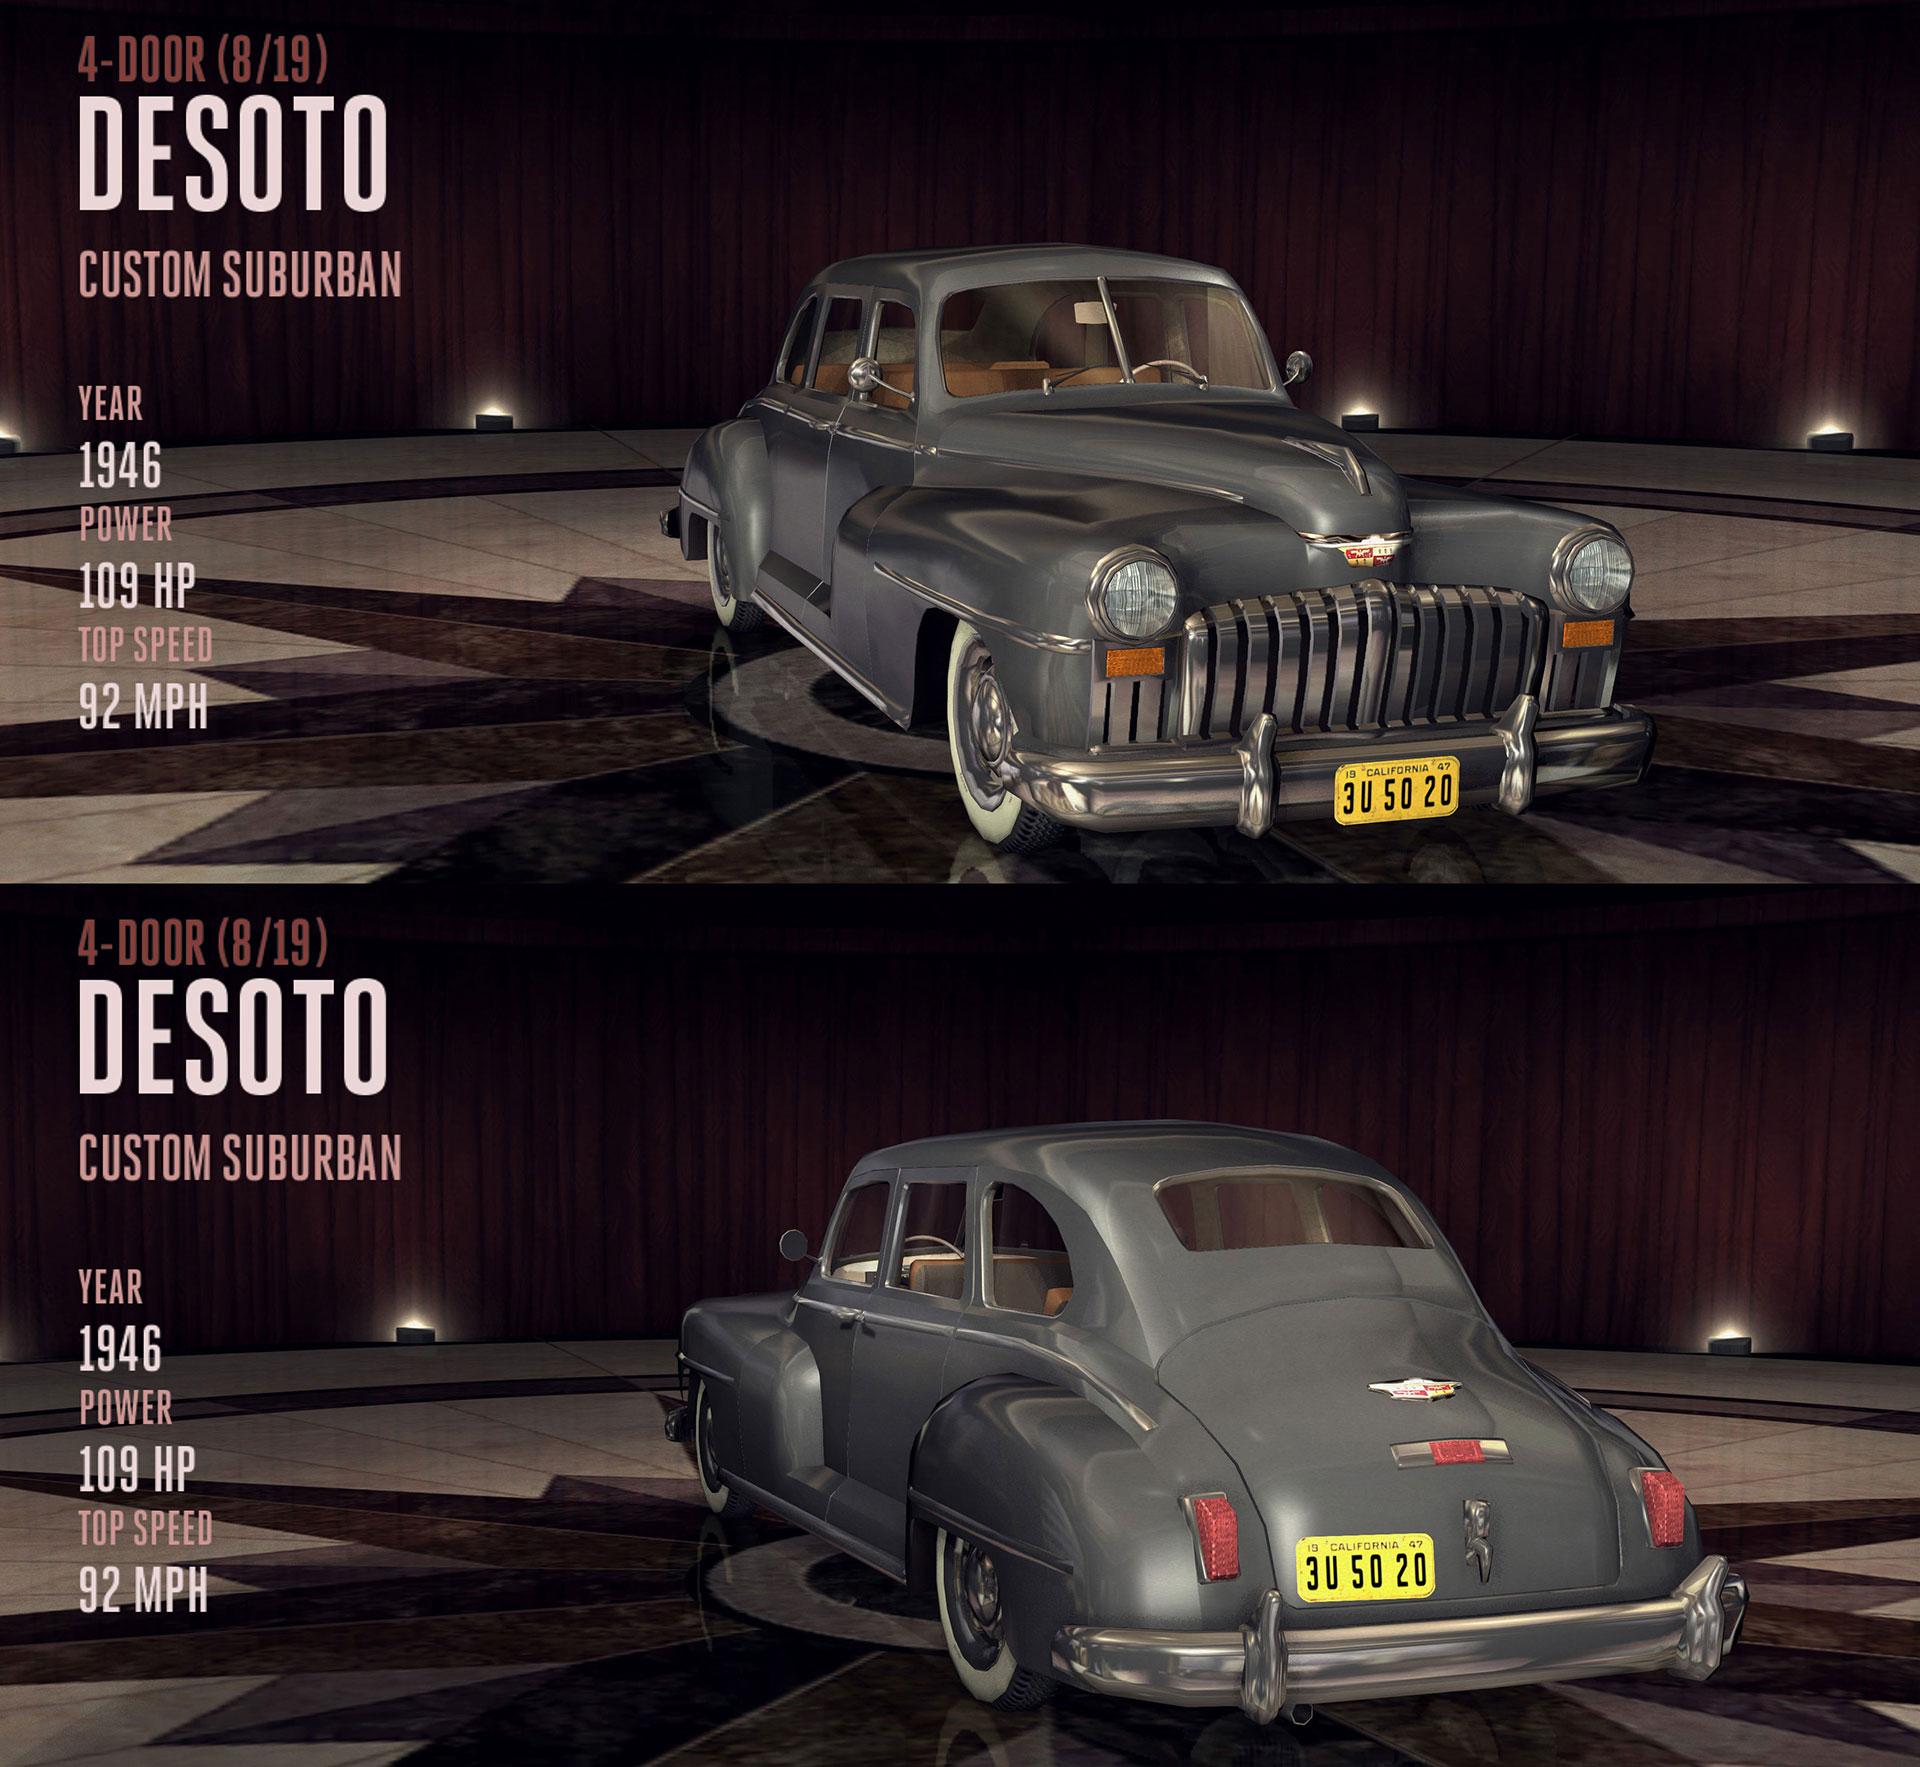 DeSoto Custom Suburban